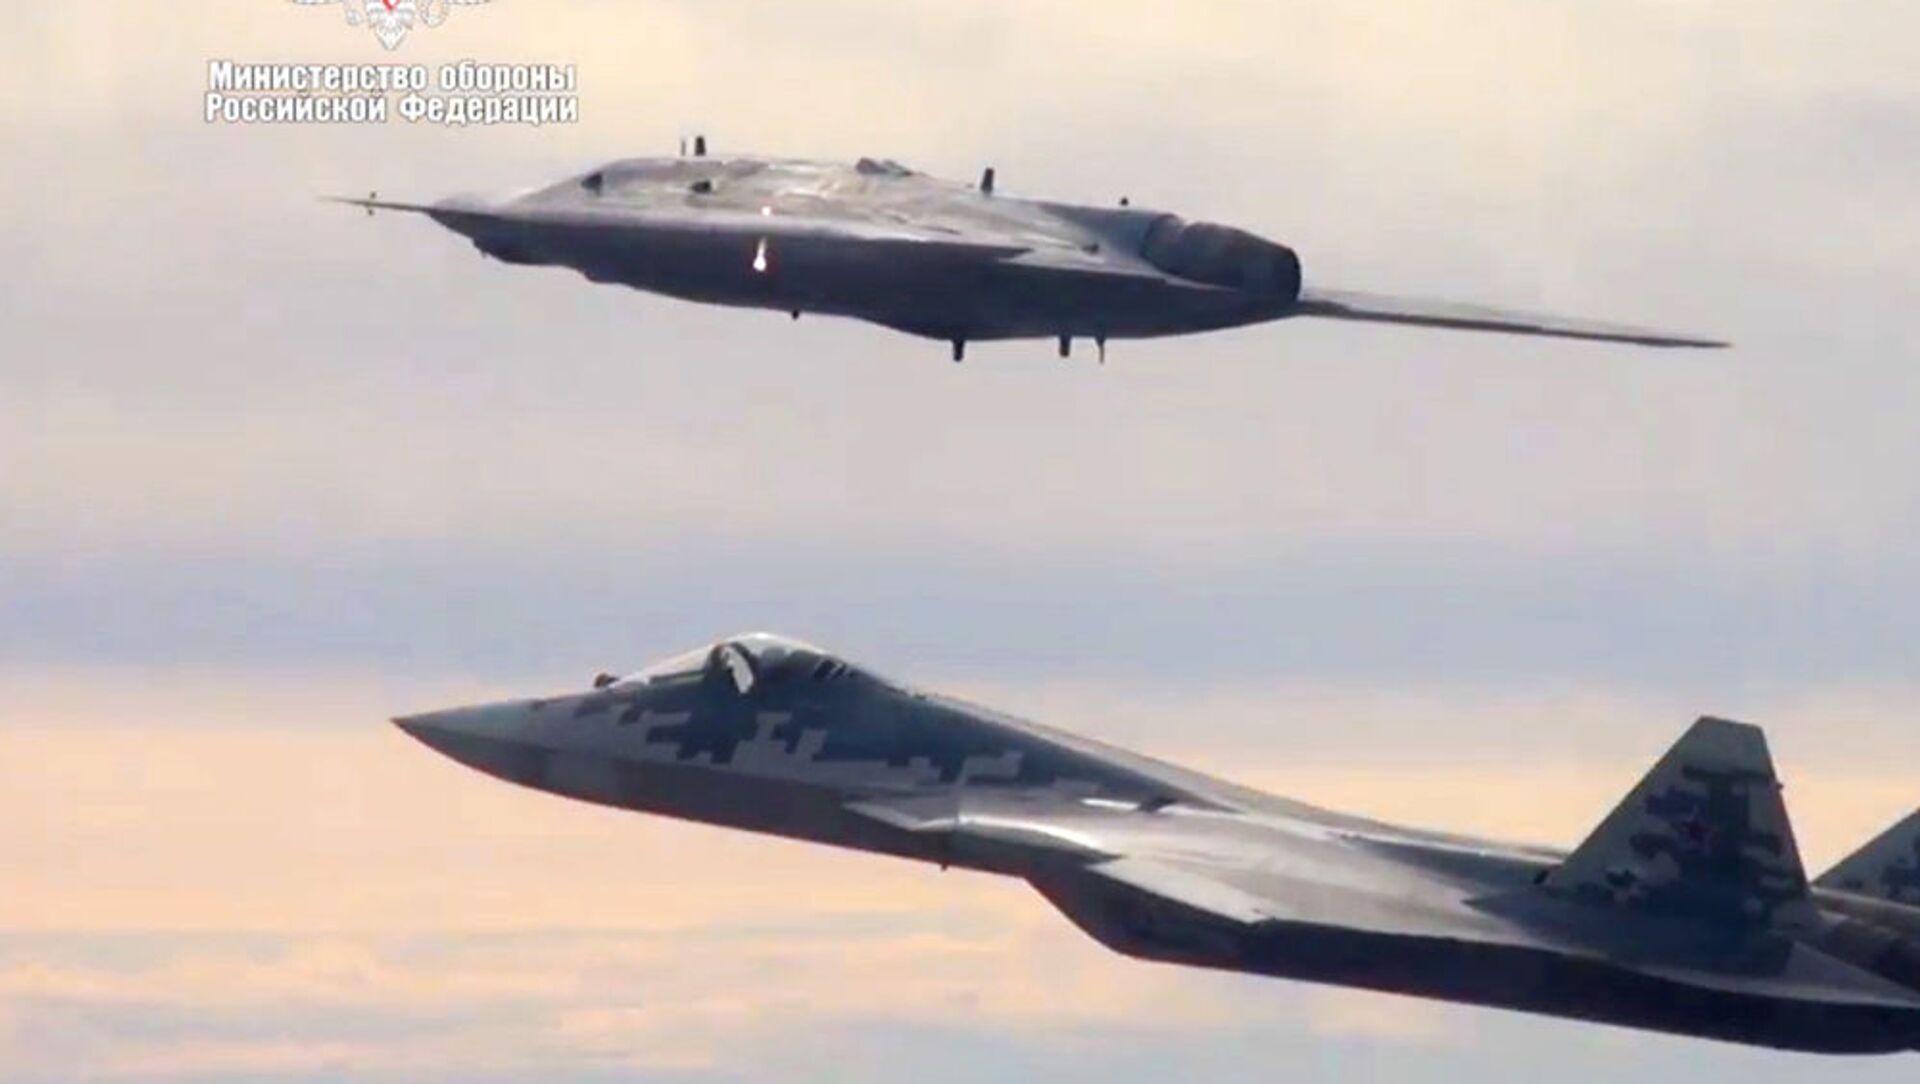 """Dron szturmowy """"Ochotnik"""" wykonuje pierwszy wspólny lot z Su-57 - Sputnik Polska, 1920, 04.06.2021"""